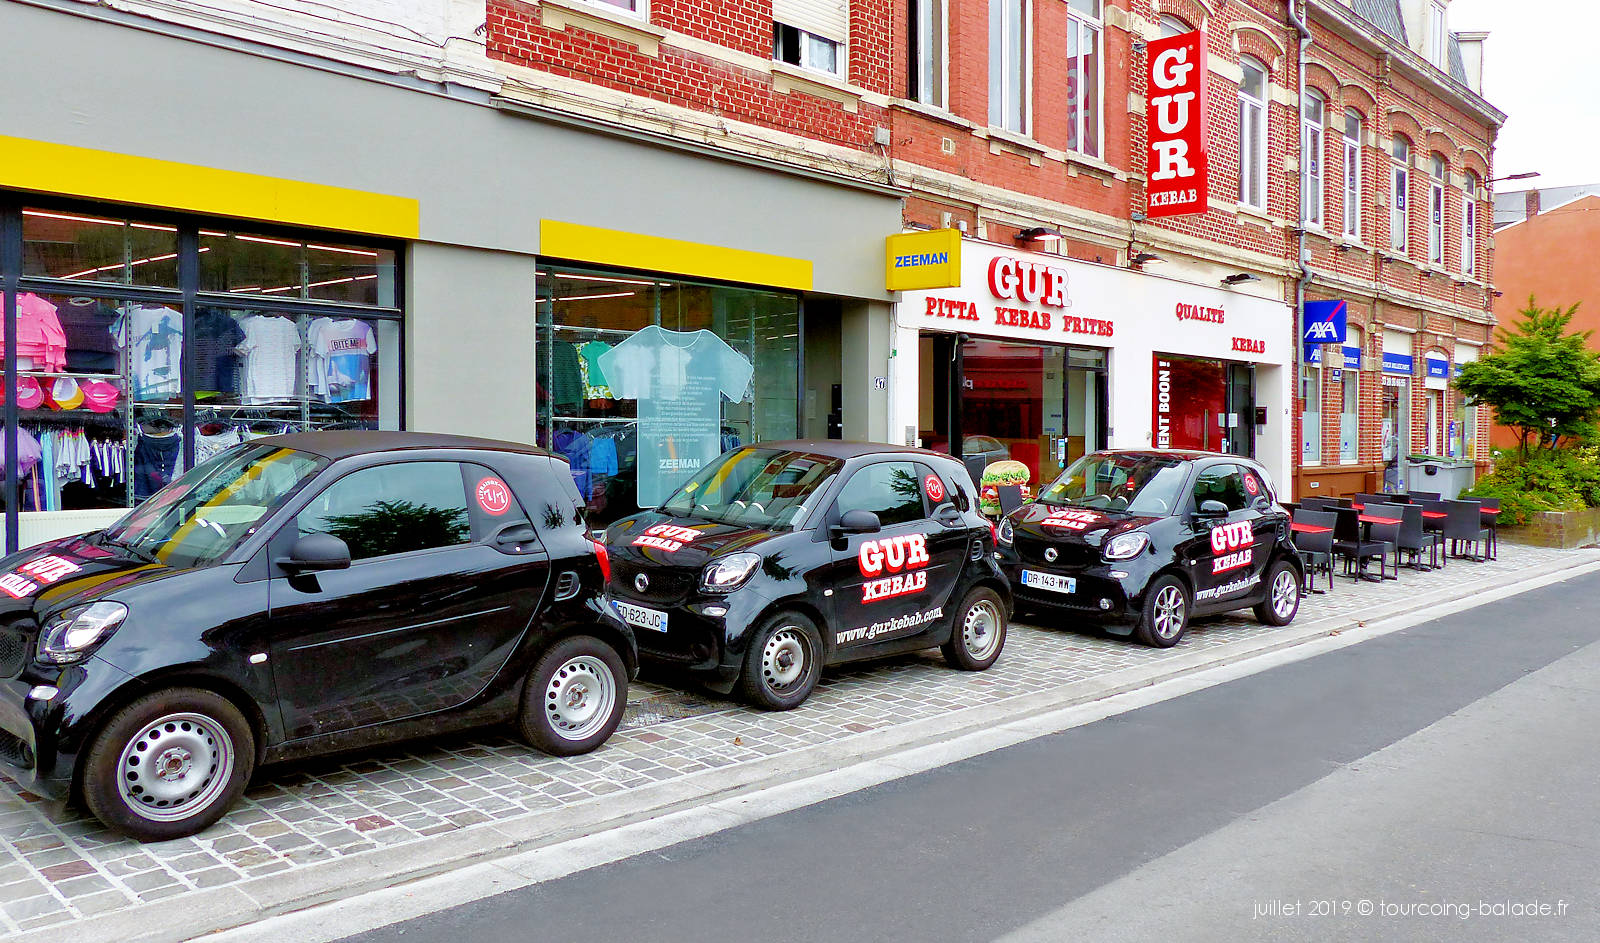 GUR Kebab Tourcoing - Flotte de voitures de livraison